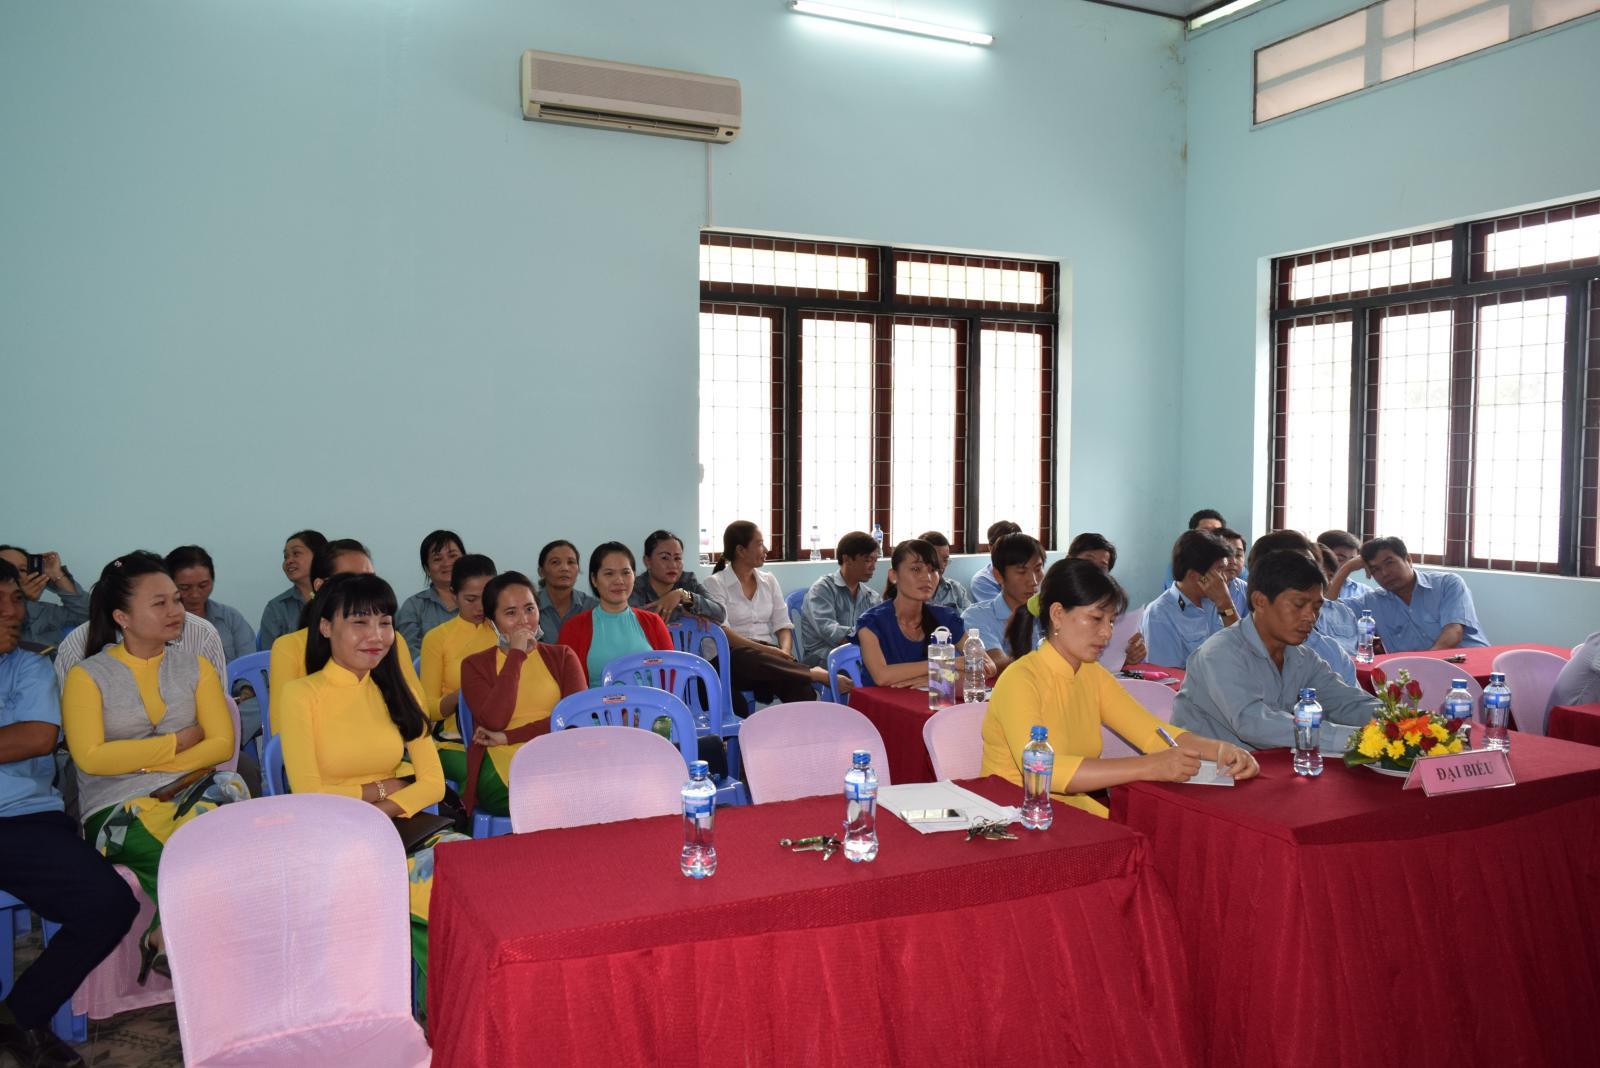 Hội nghị Cán bộ, Công chức, Viên chức Khu di tích Nguyễn Sinh Sắc năm 2017